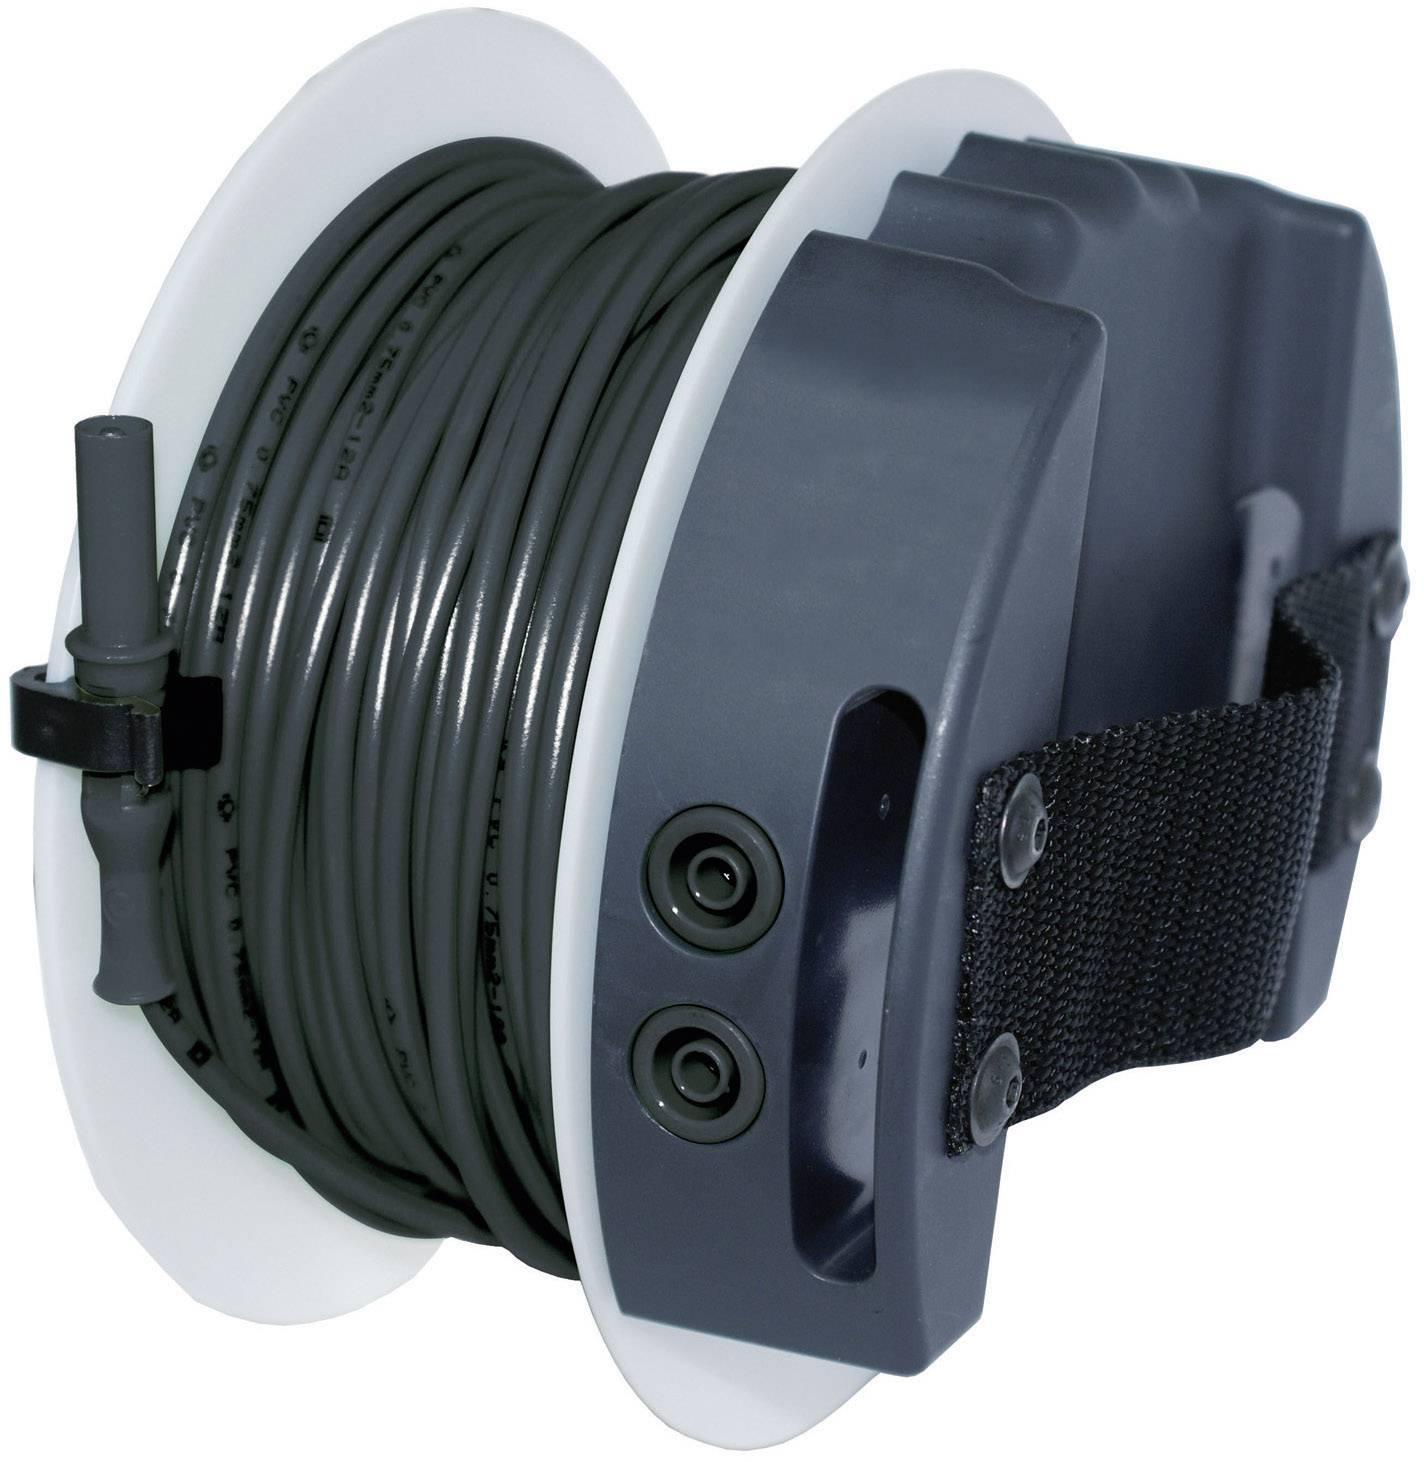 Bezpečnostný merací kábel Benning TA 5, 40 m, čierny